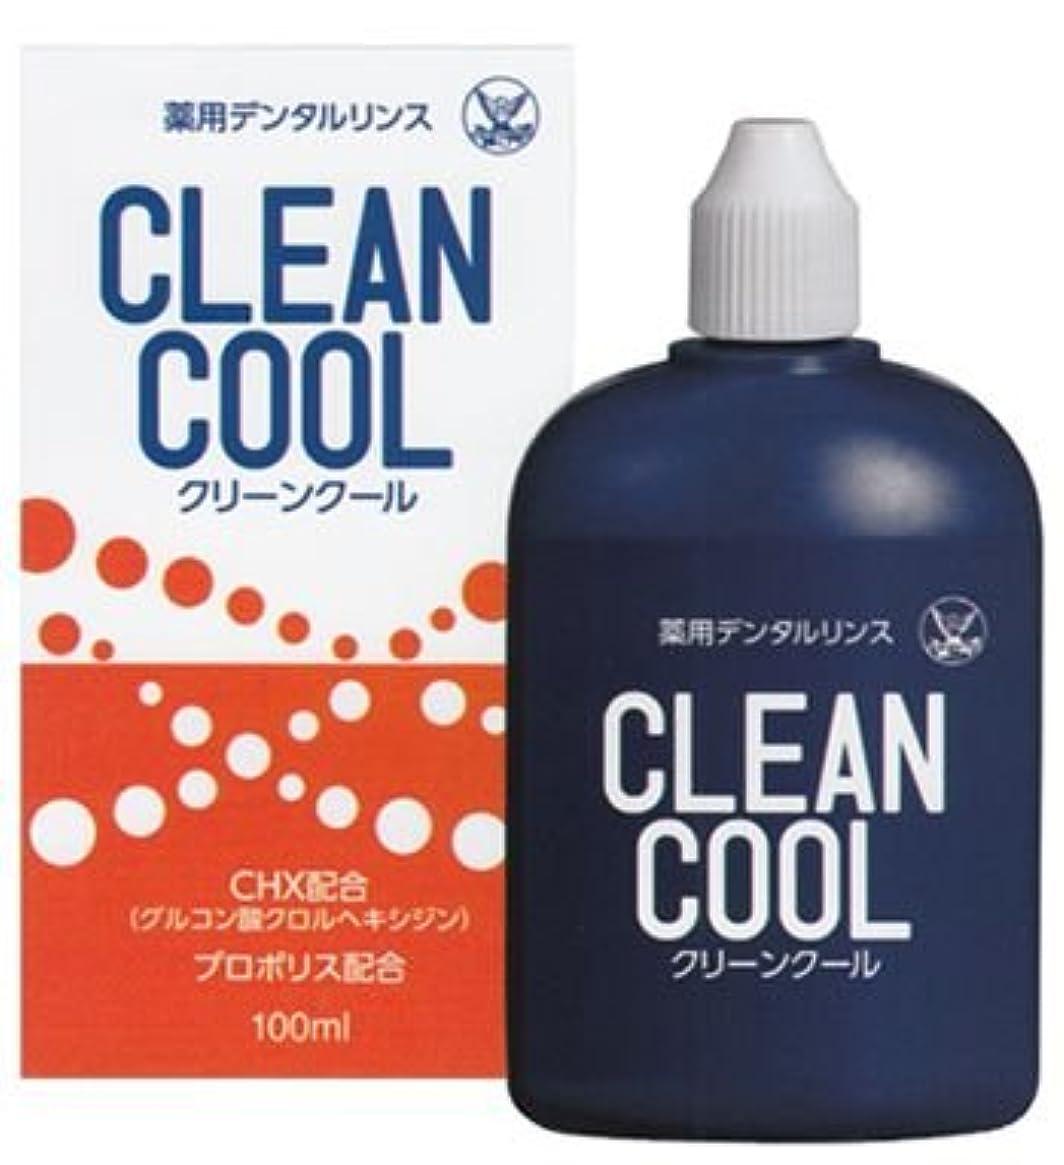 湿気の多い防腐剤シリンダー薬用デンタルリンス クリーンクール (CLEAN COOL) 洗口液 100ml